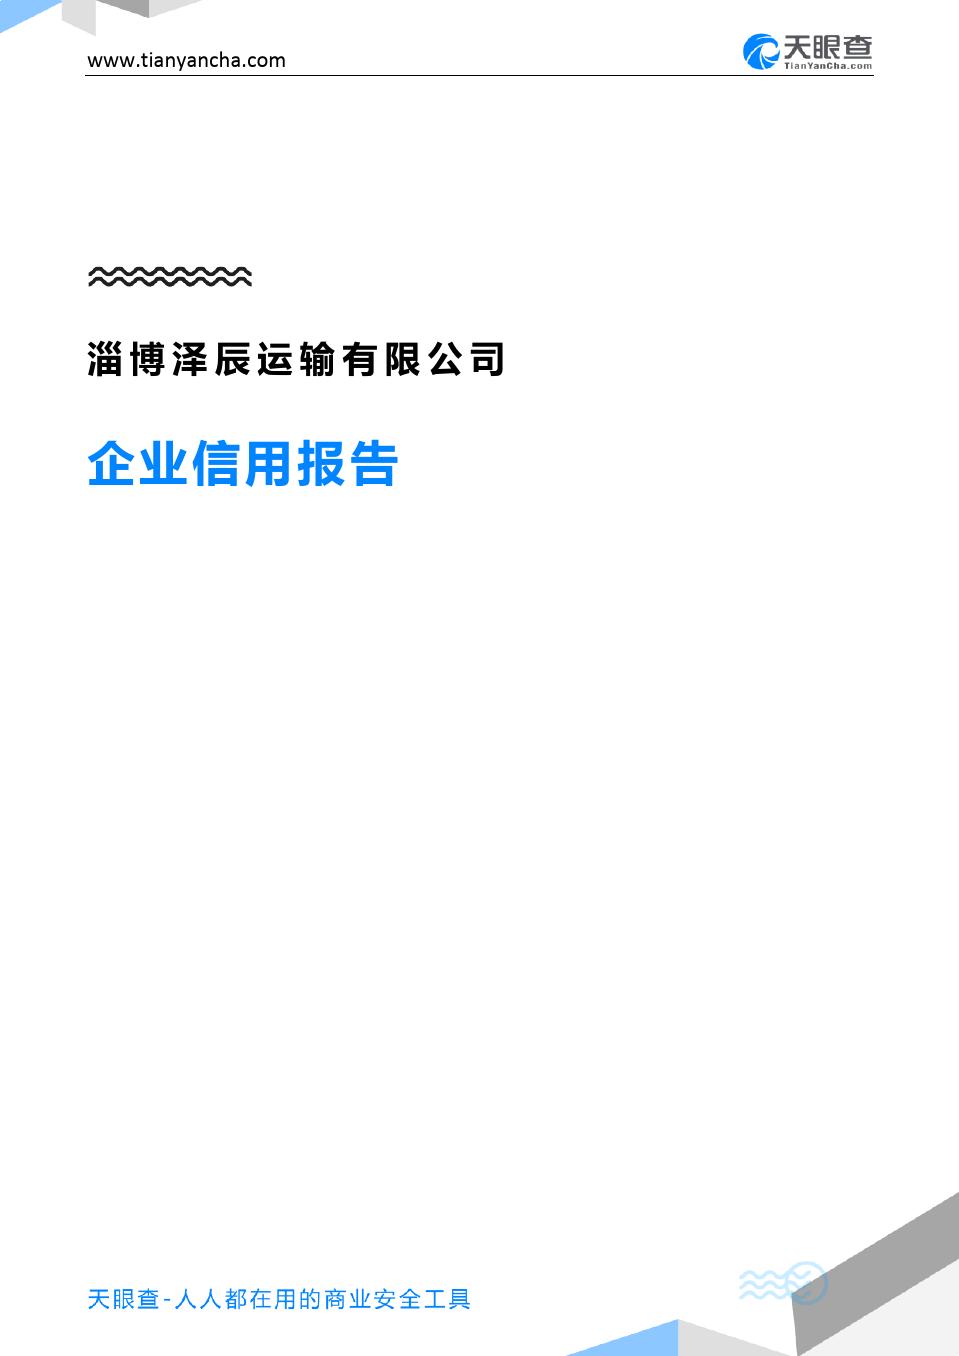 淄博泽辰运输有限公司(企业信用报告)- 天眼查